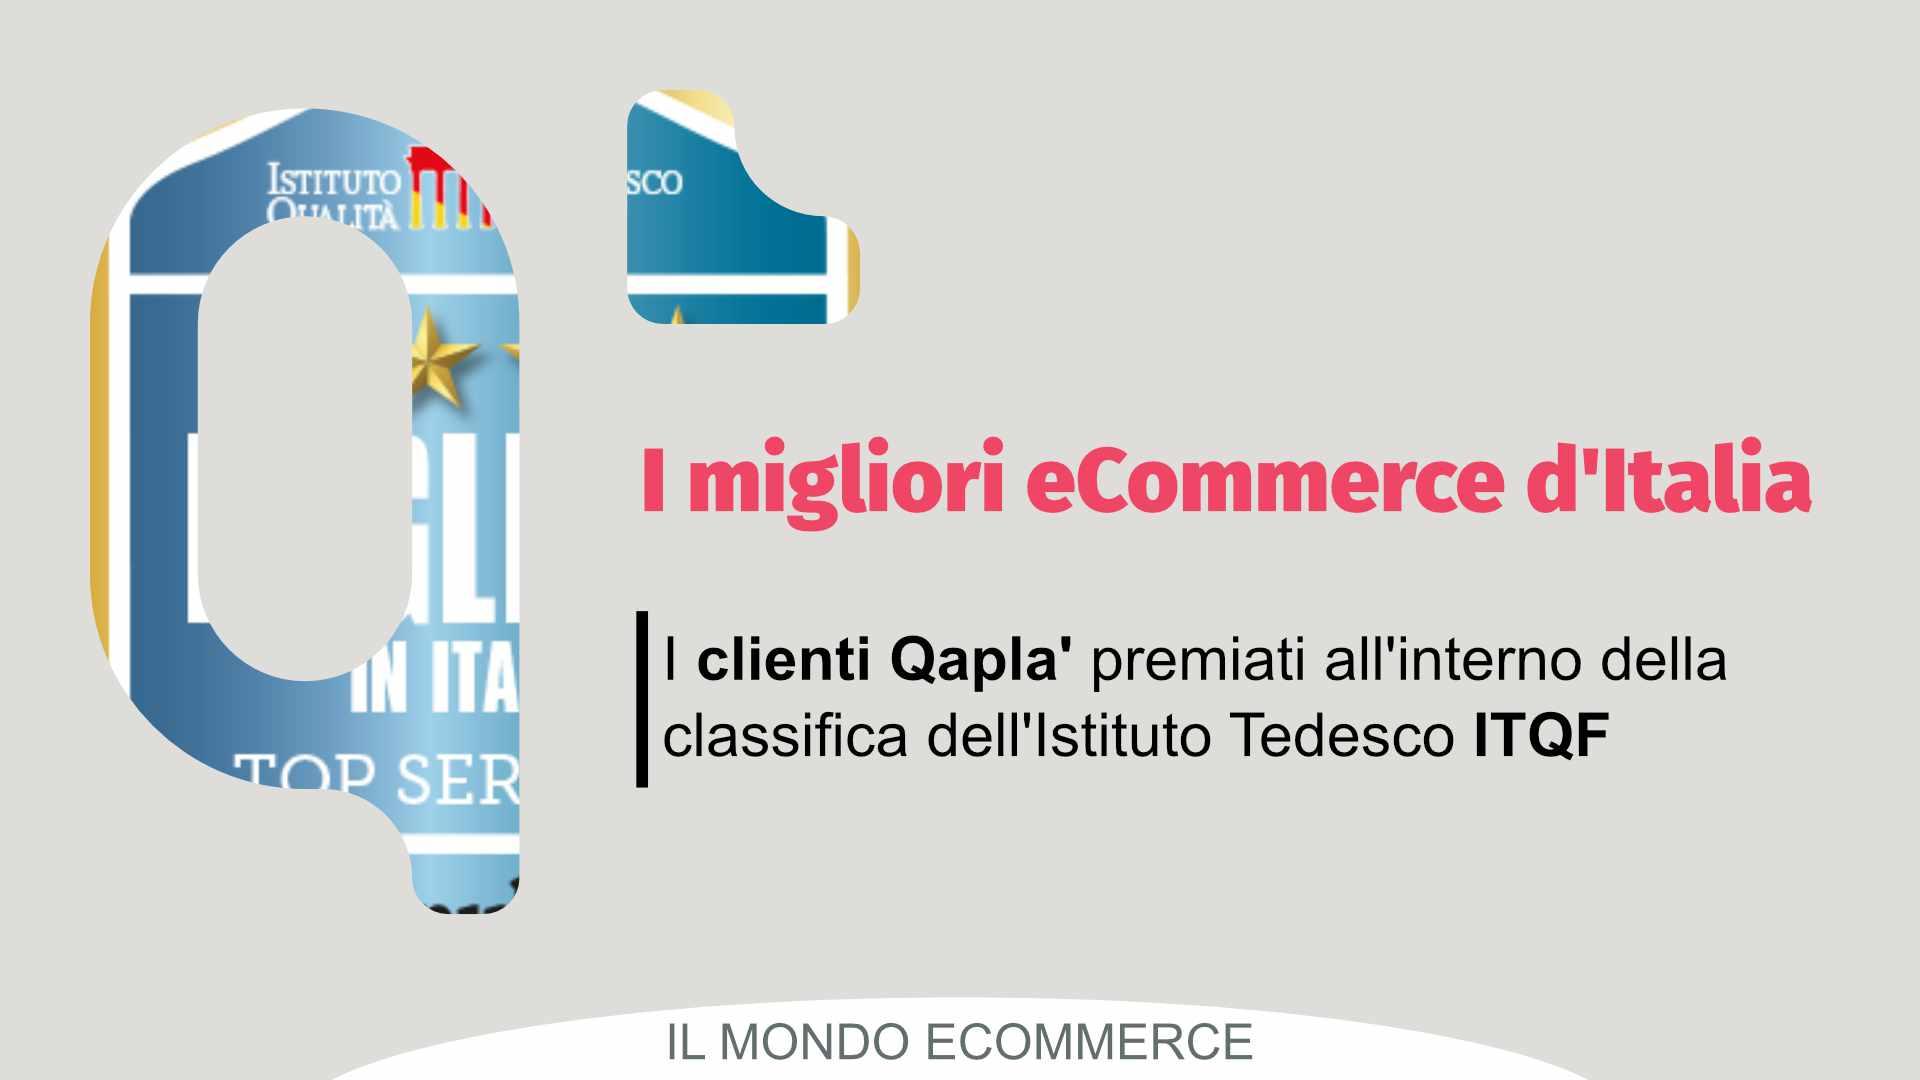 I migliori e-commerce d'Italia secondo ITQF - lista dei clienti Qapla'